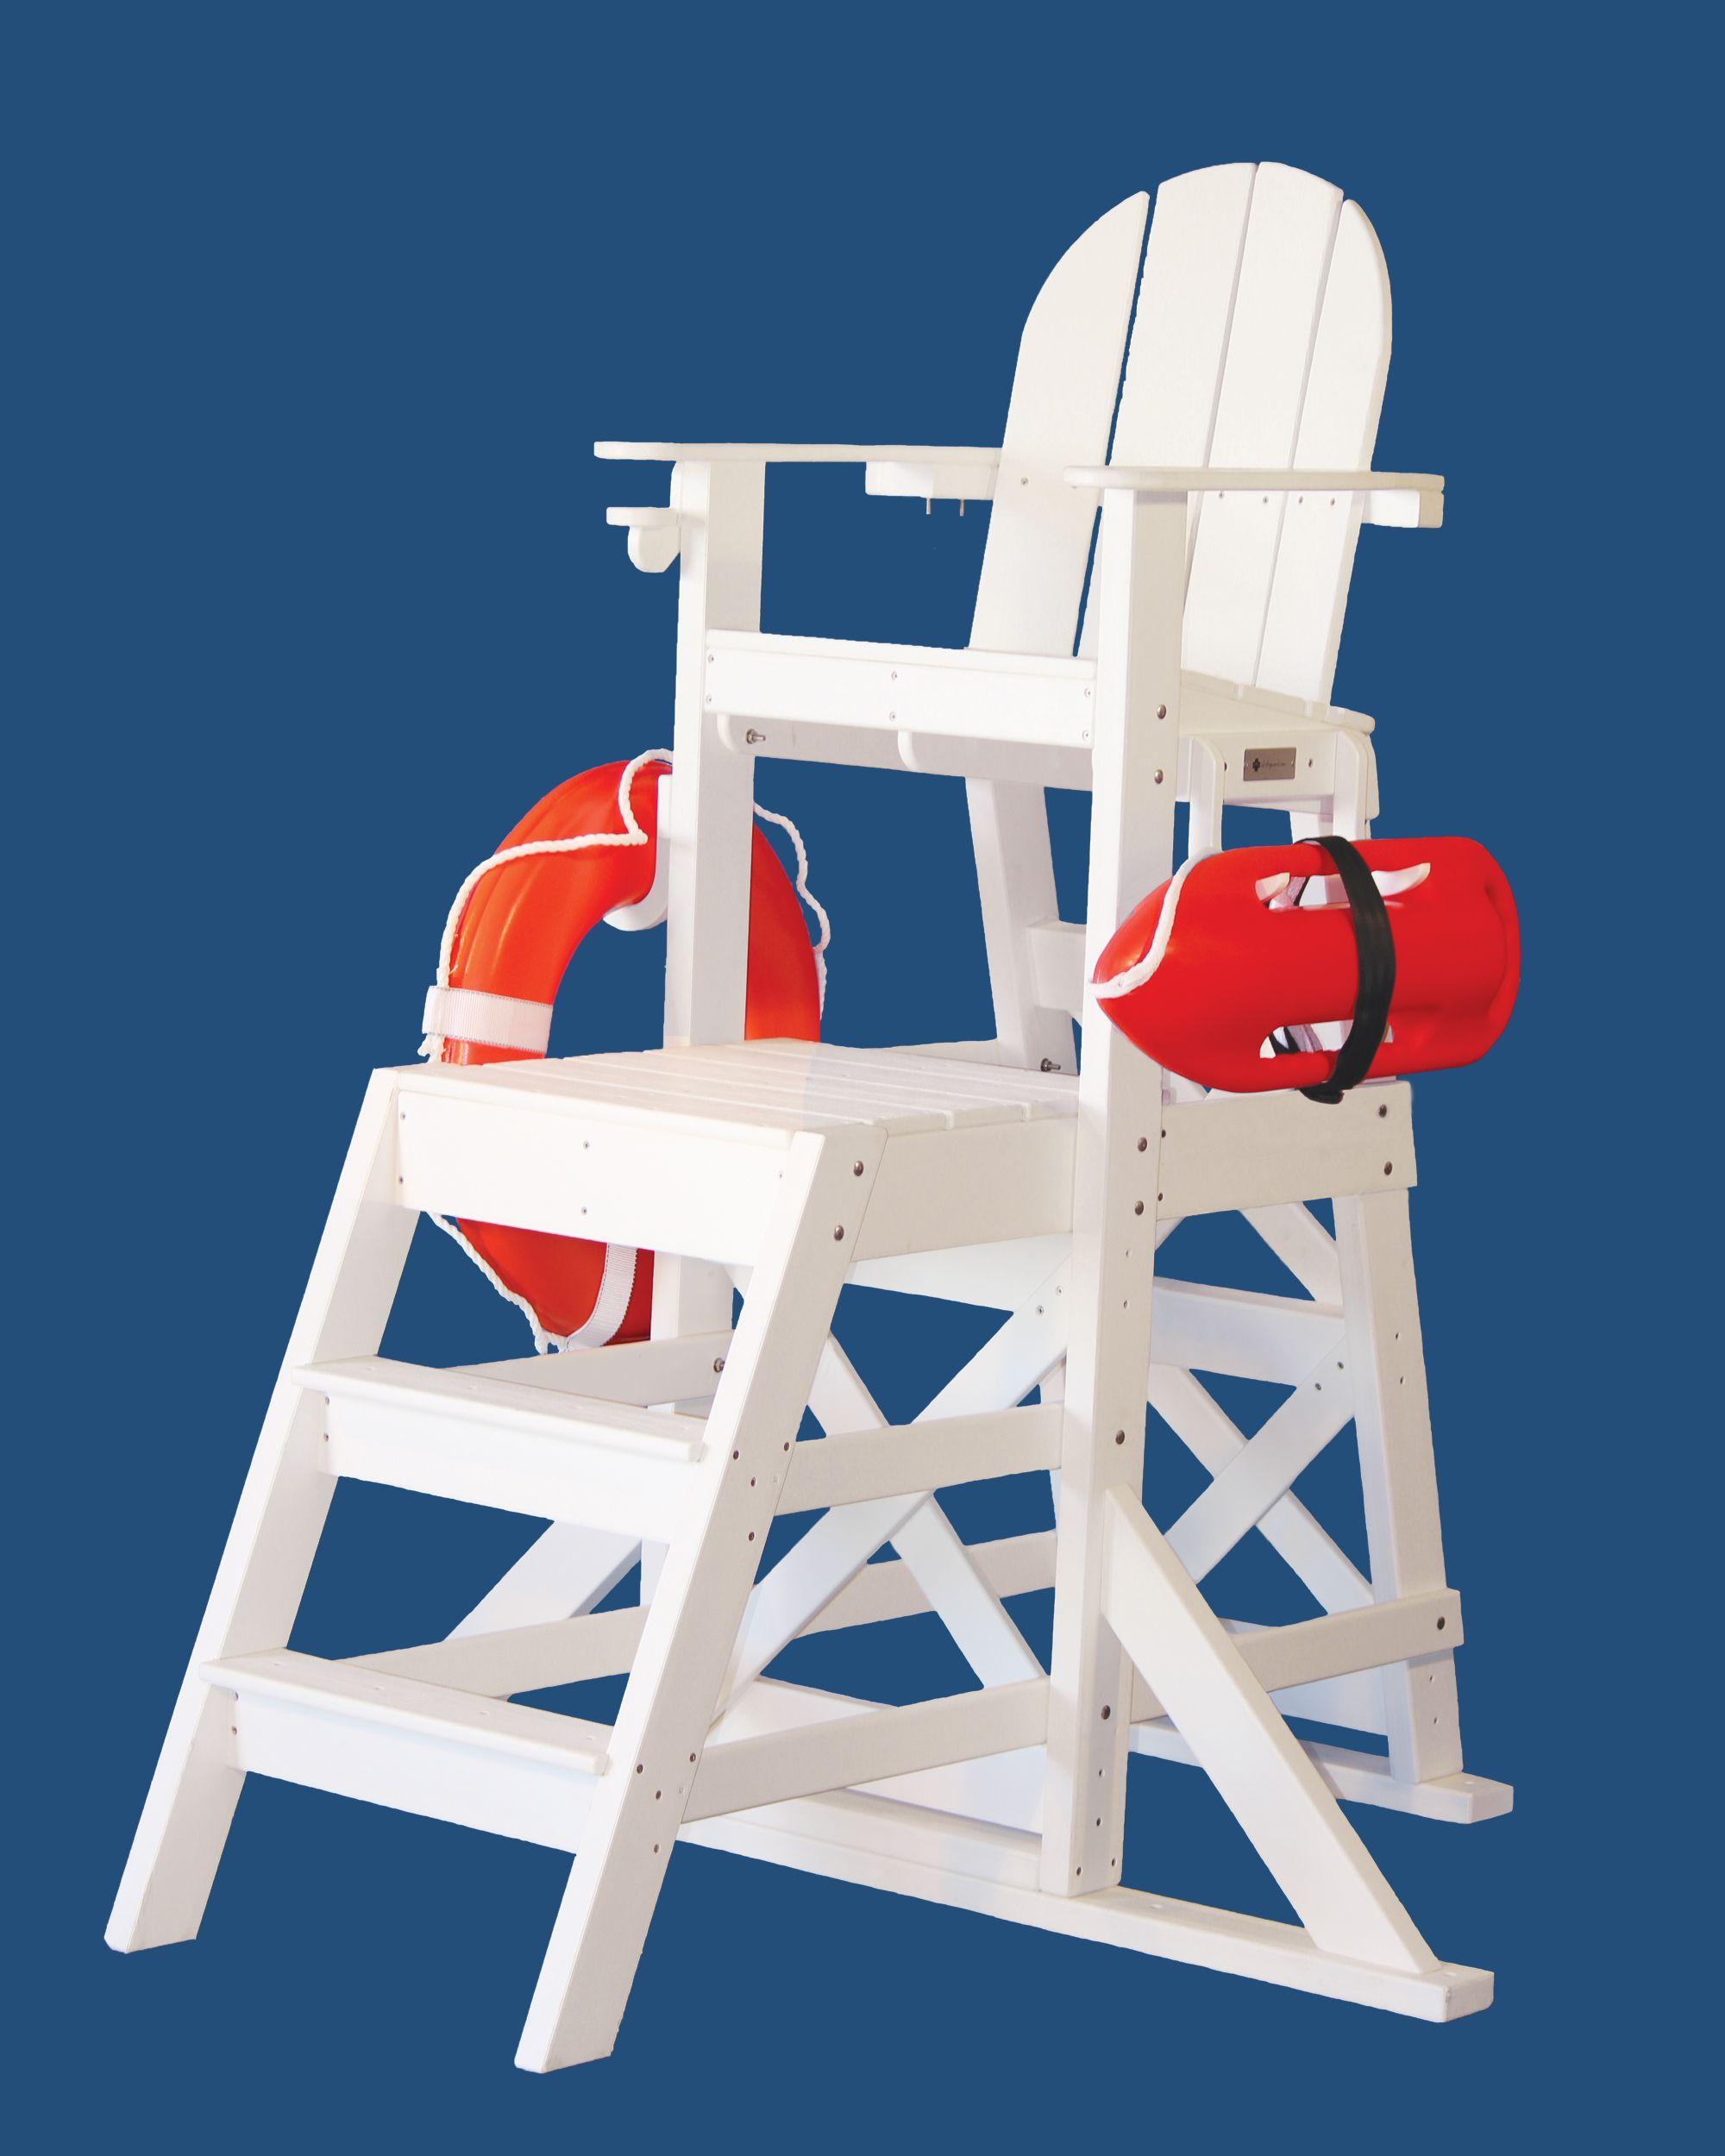 Lifeguard Chair Lifeguard Equipment Pinterest